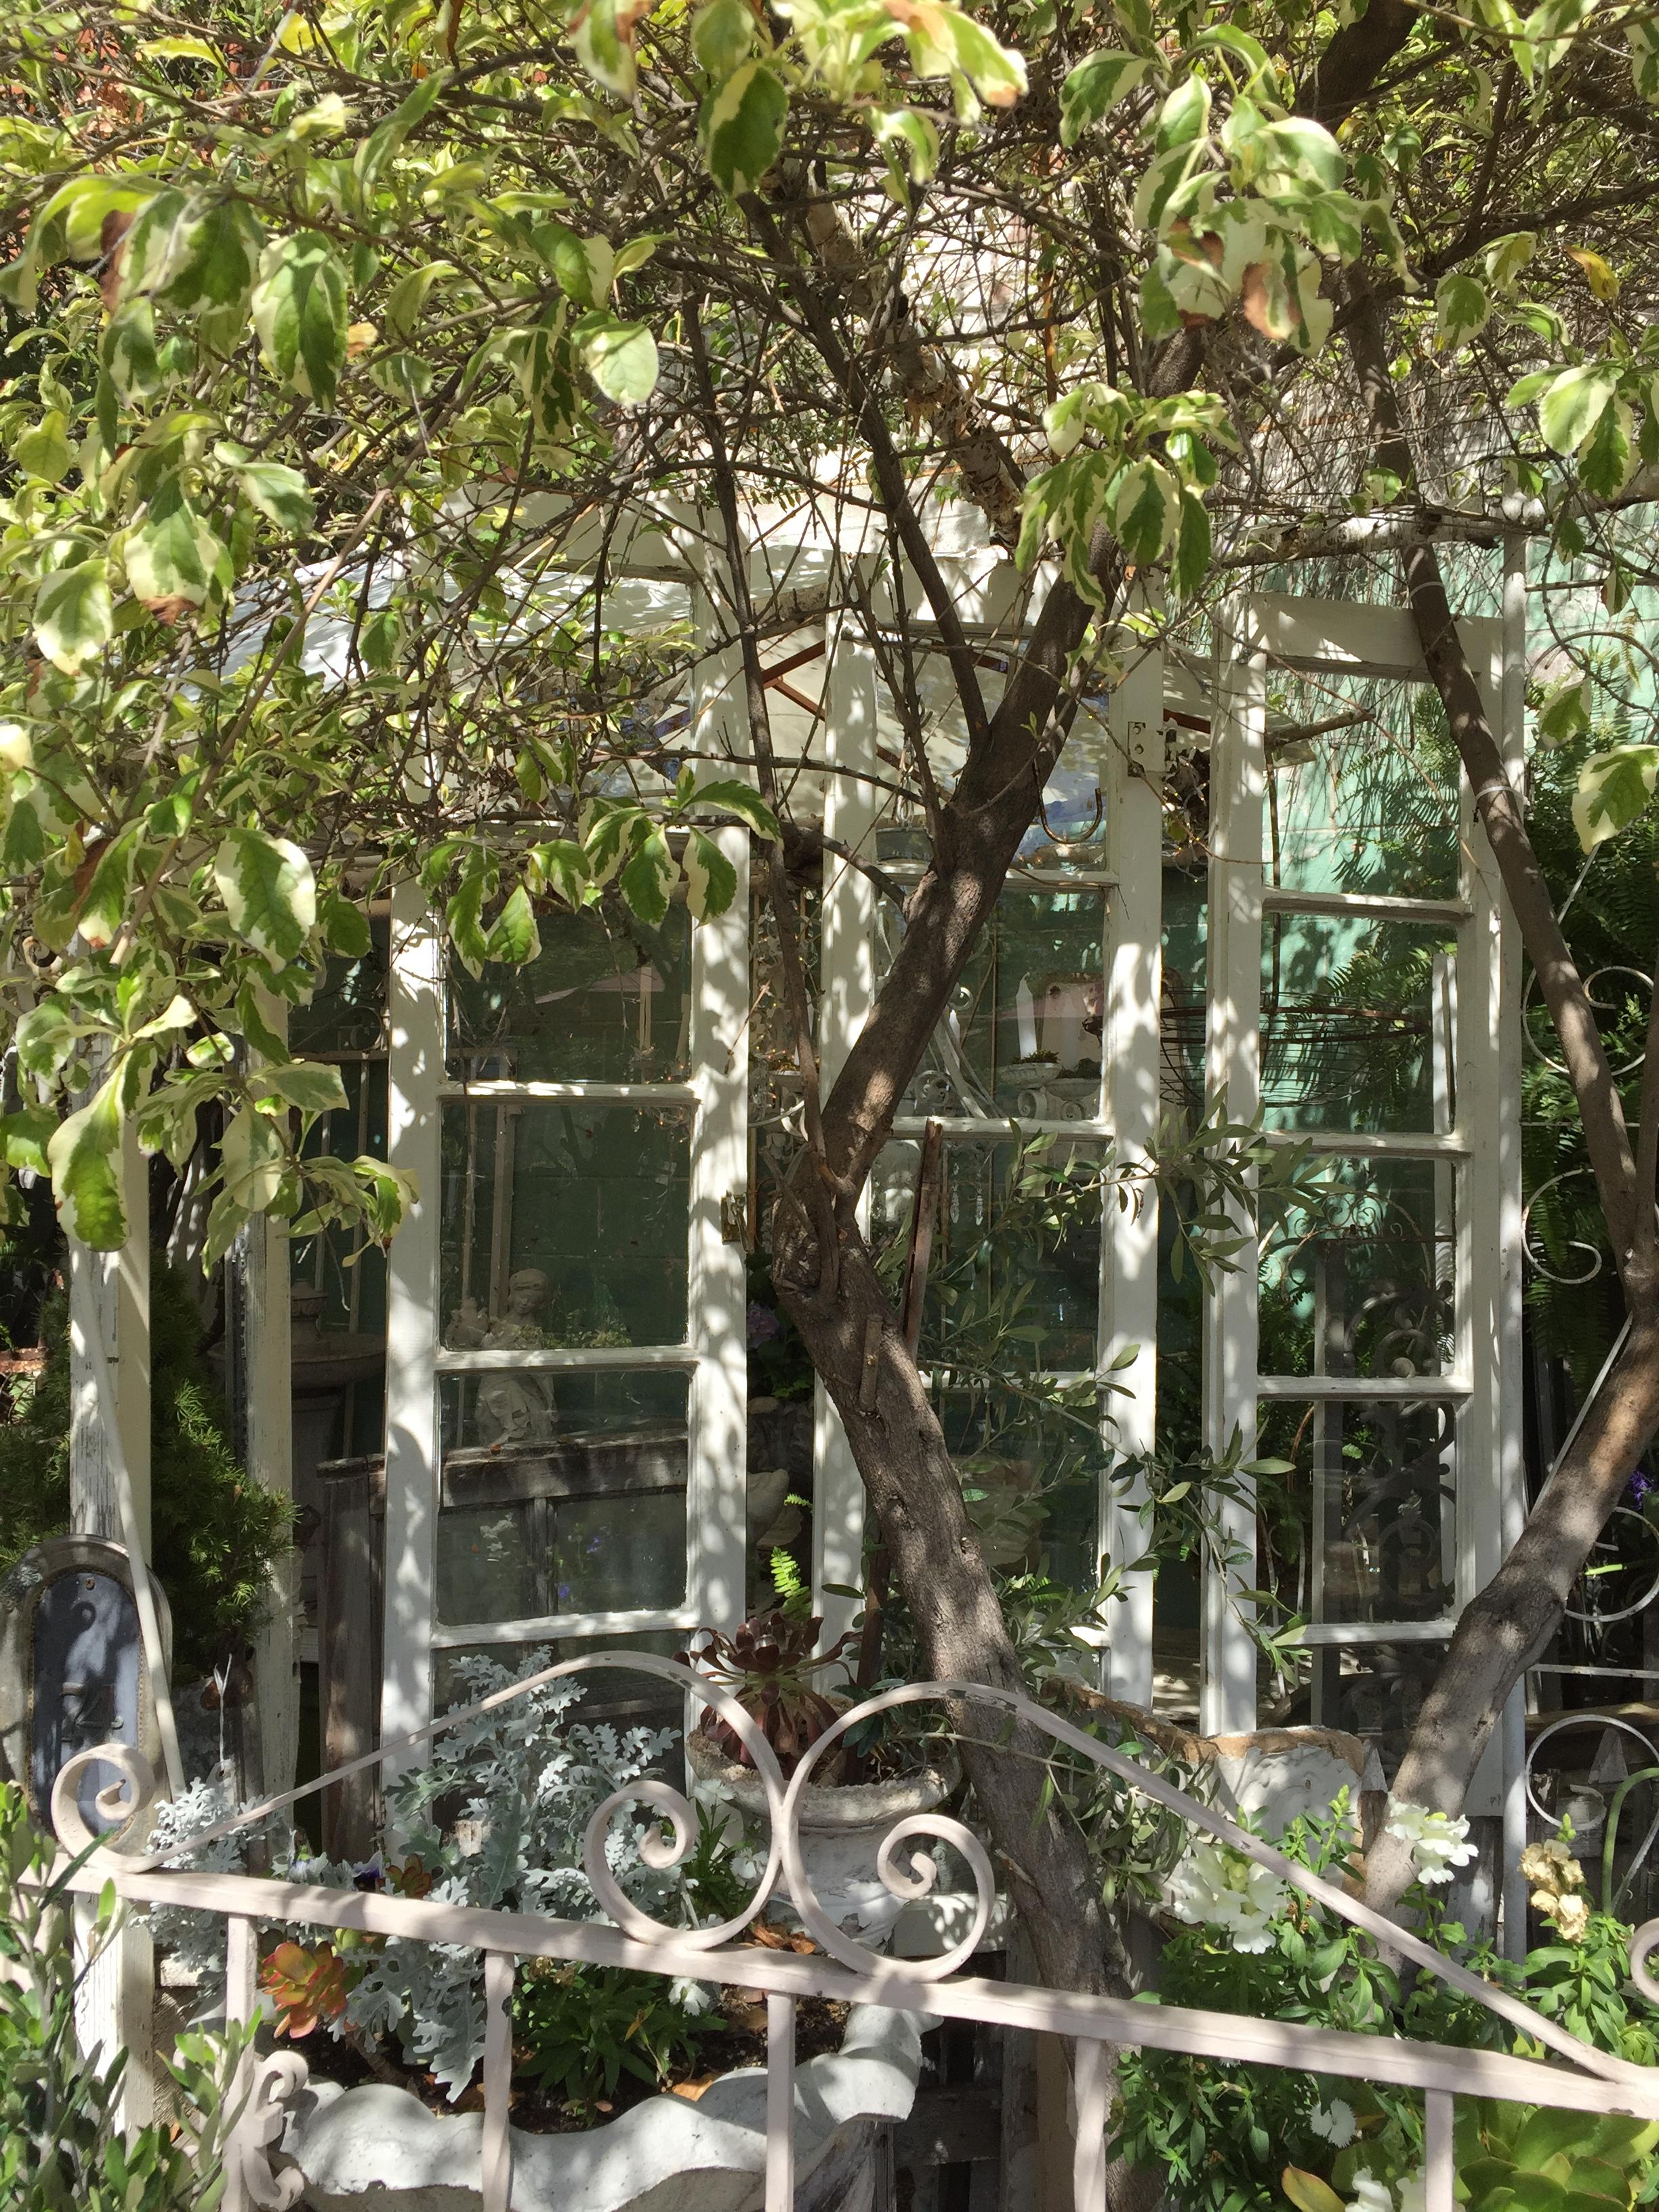 Window Panels in Garden - Orange 2018-3-9